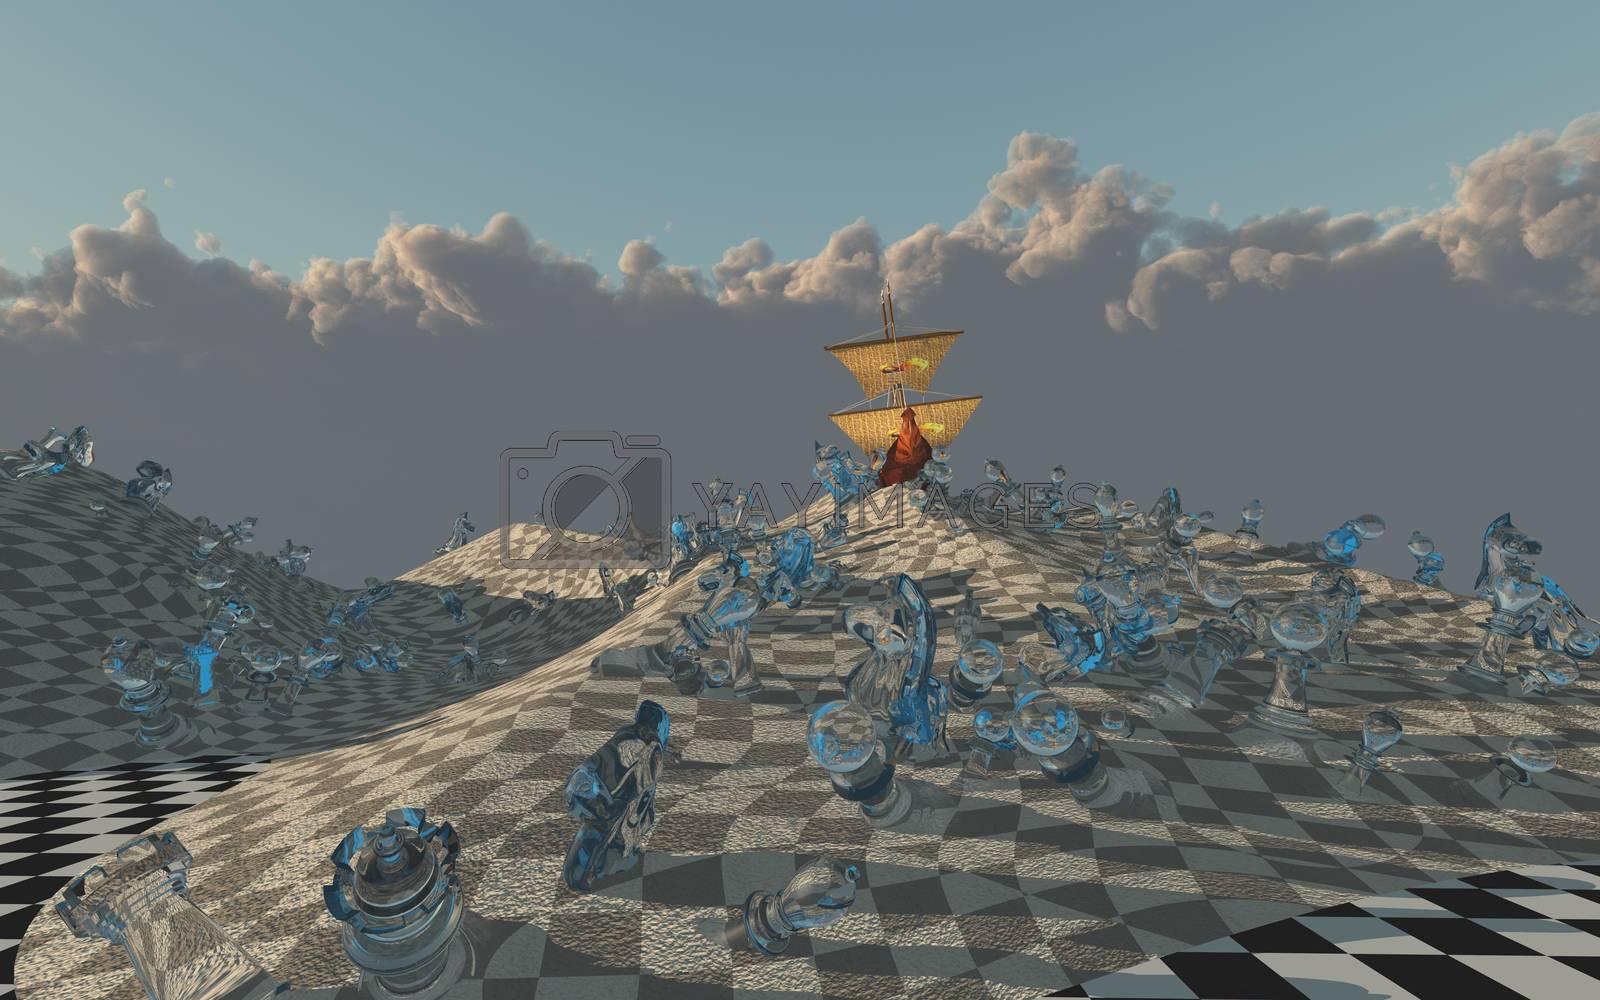 Sailing ship creast on chessboard desert dune. 3D rendering